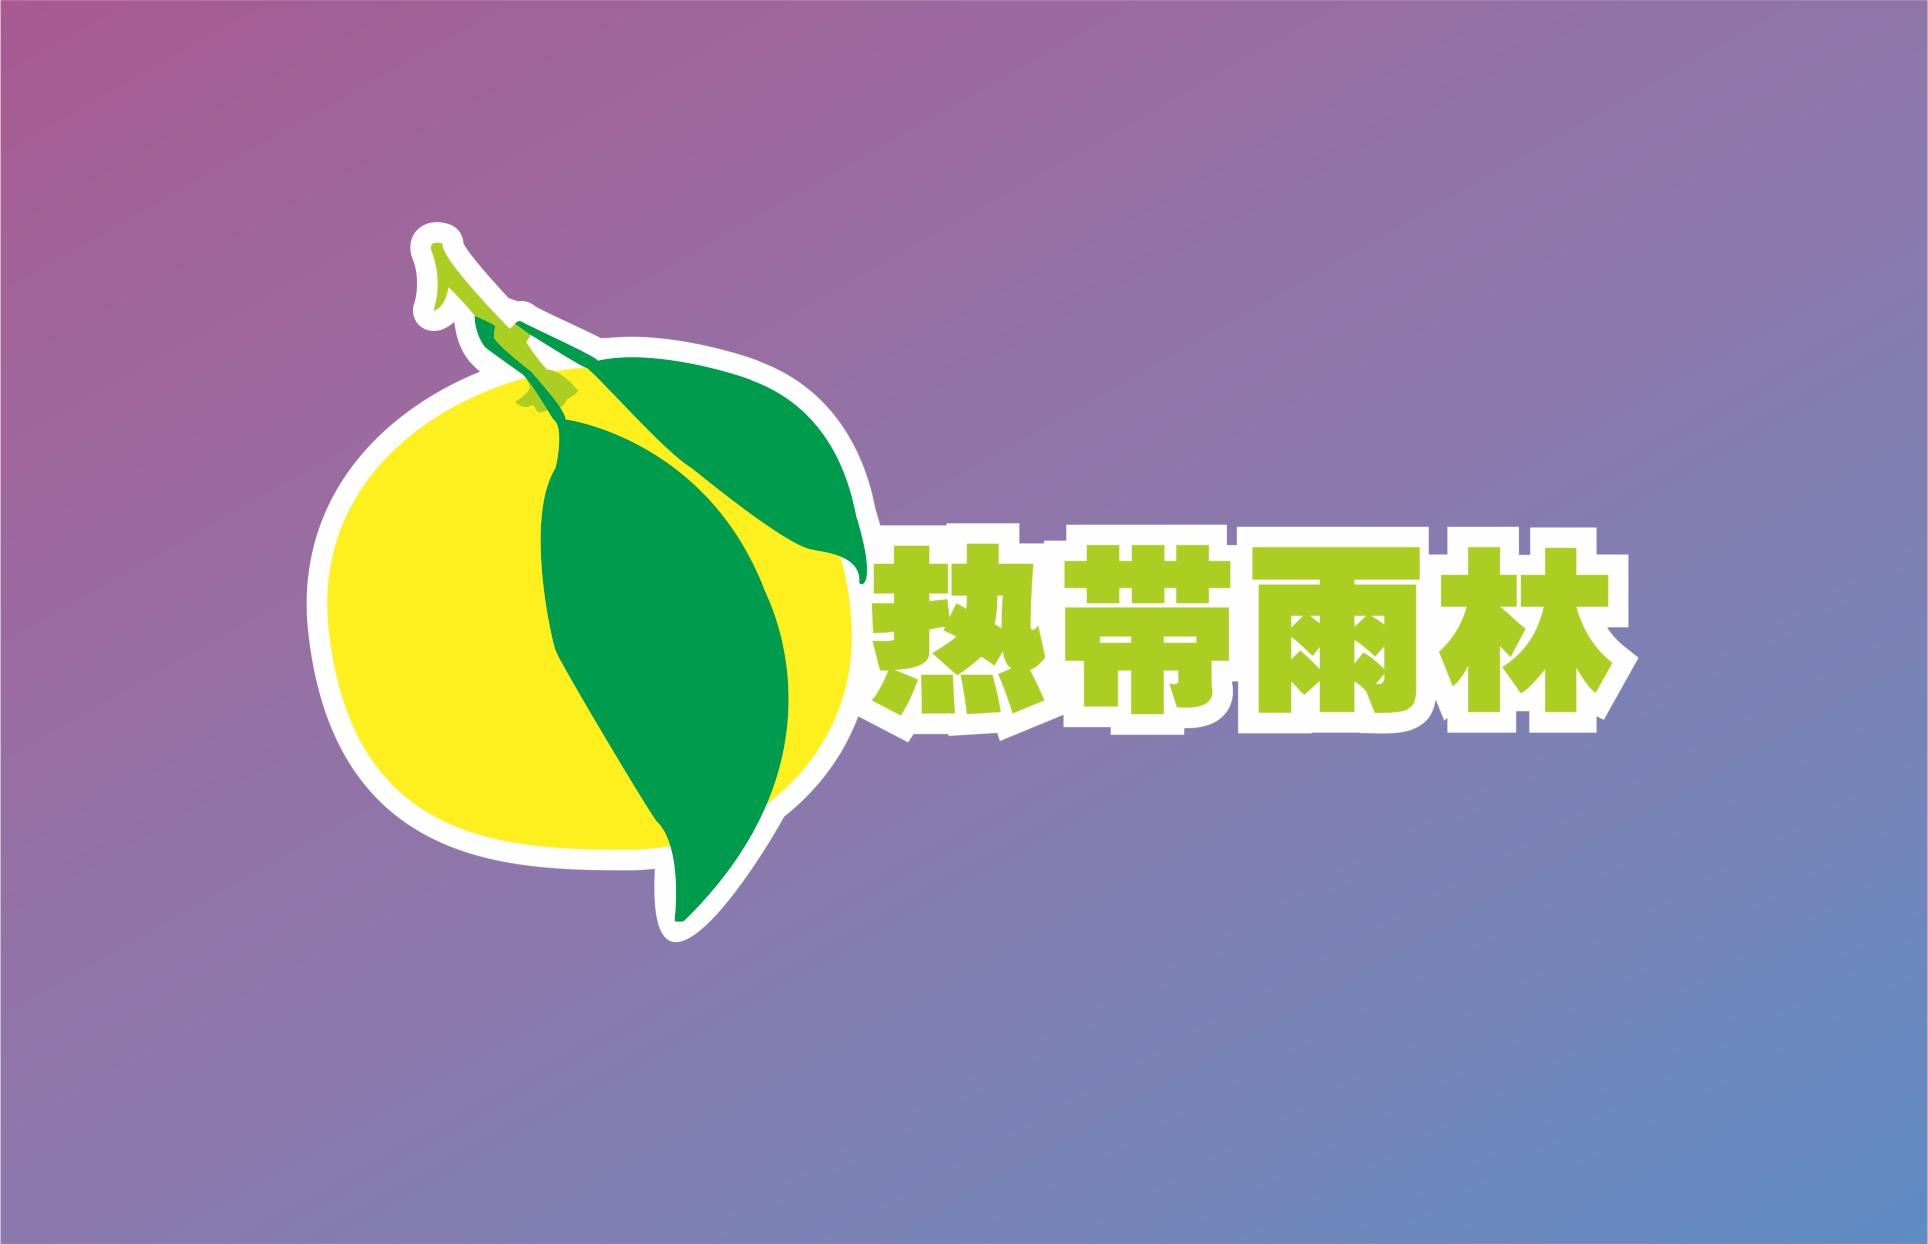 一.任务内容:热带雨林果业有限公司,热带雨林图形与文字LOGO及名片设计;也可以加入热带雨林英文或拼音,整个logo不超过3种颜色。 二.公司简介:热带雨林果业是一家从事果品贸易为主,主营柚子,产地收货;市场销售。 三.设计要求: 1:简单明了,设计新颖,色彩和谐,有文化底蕴,能够表现农业行业特点;能够表达公司名称内涵。 2:图形文字要以清晰,美观,高档,易记醒目来设计。 3:印在包装箱上能突出商标意义,有视觉冲击力,右上角注上TM.